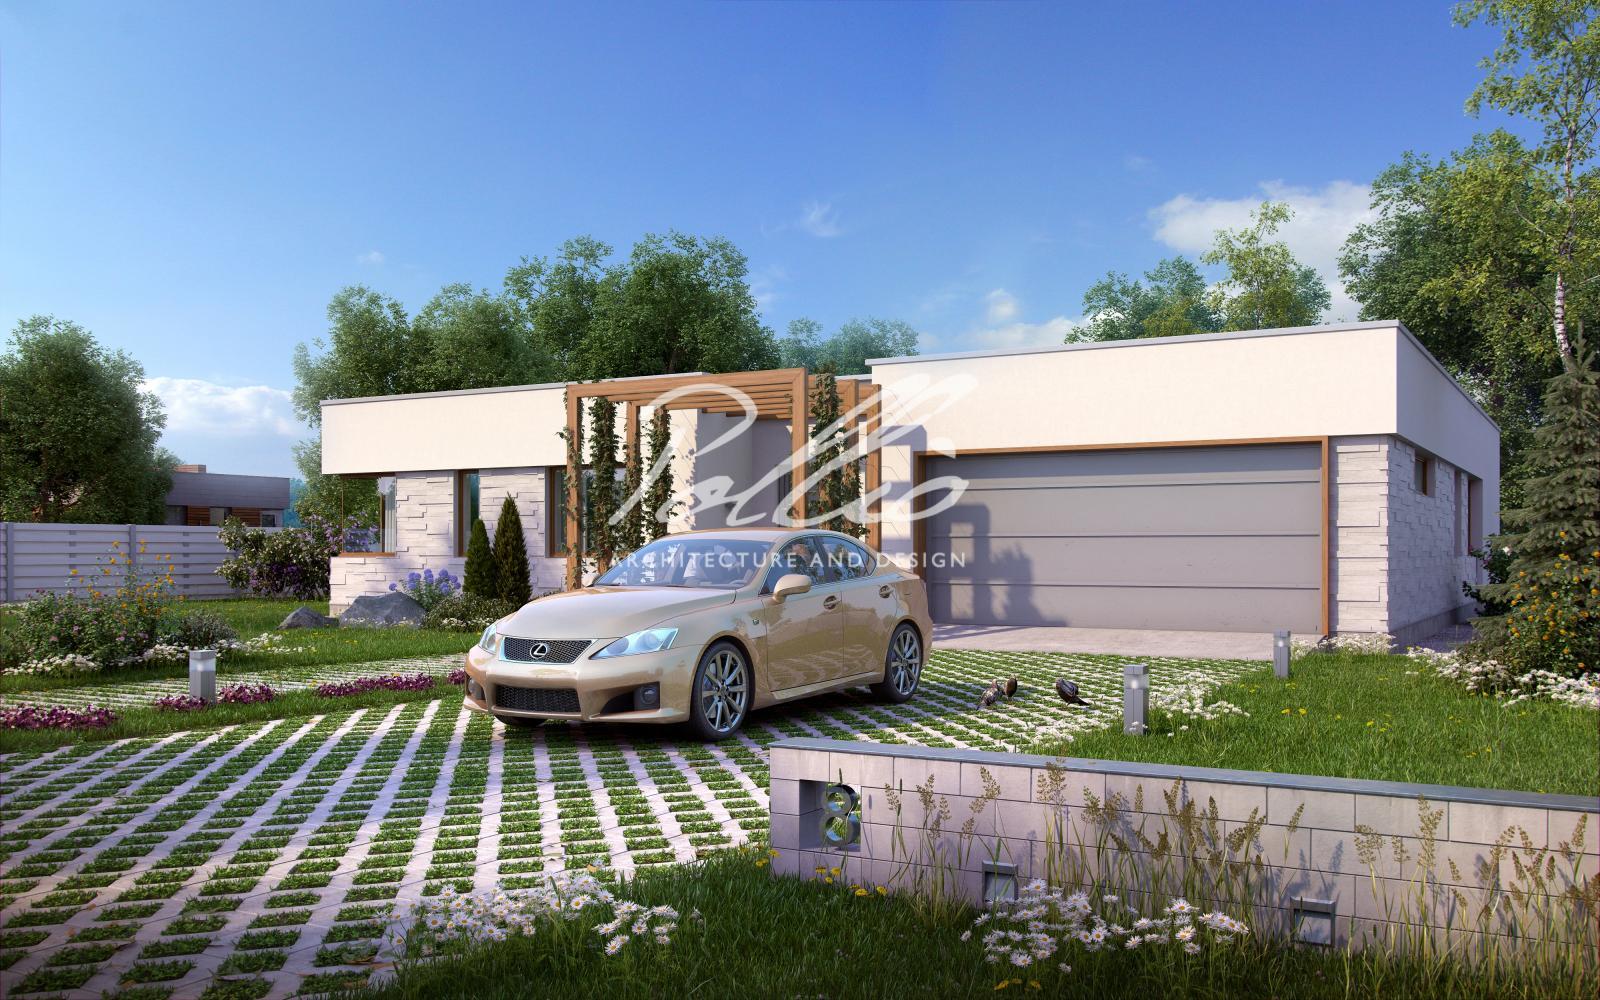 X7 Одноэтажный дом в средиземноморском стиле фото 2